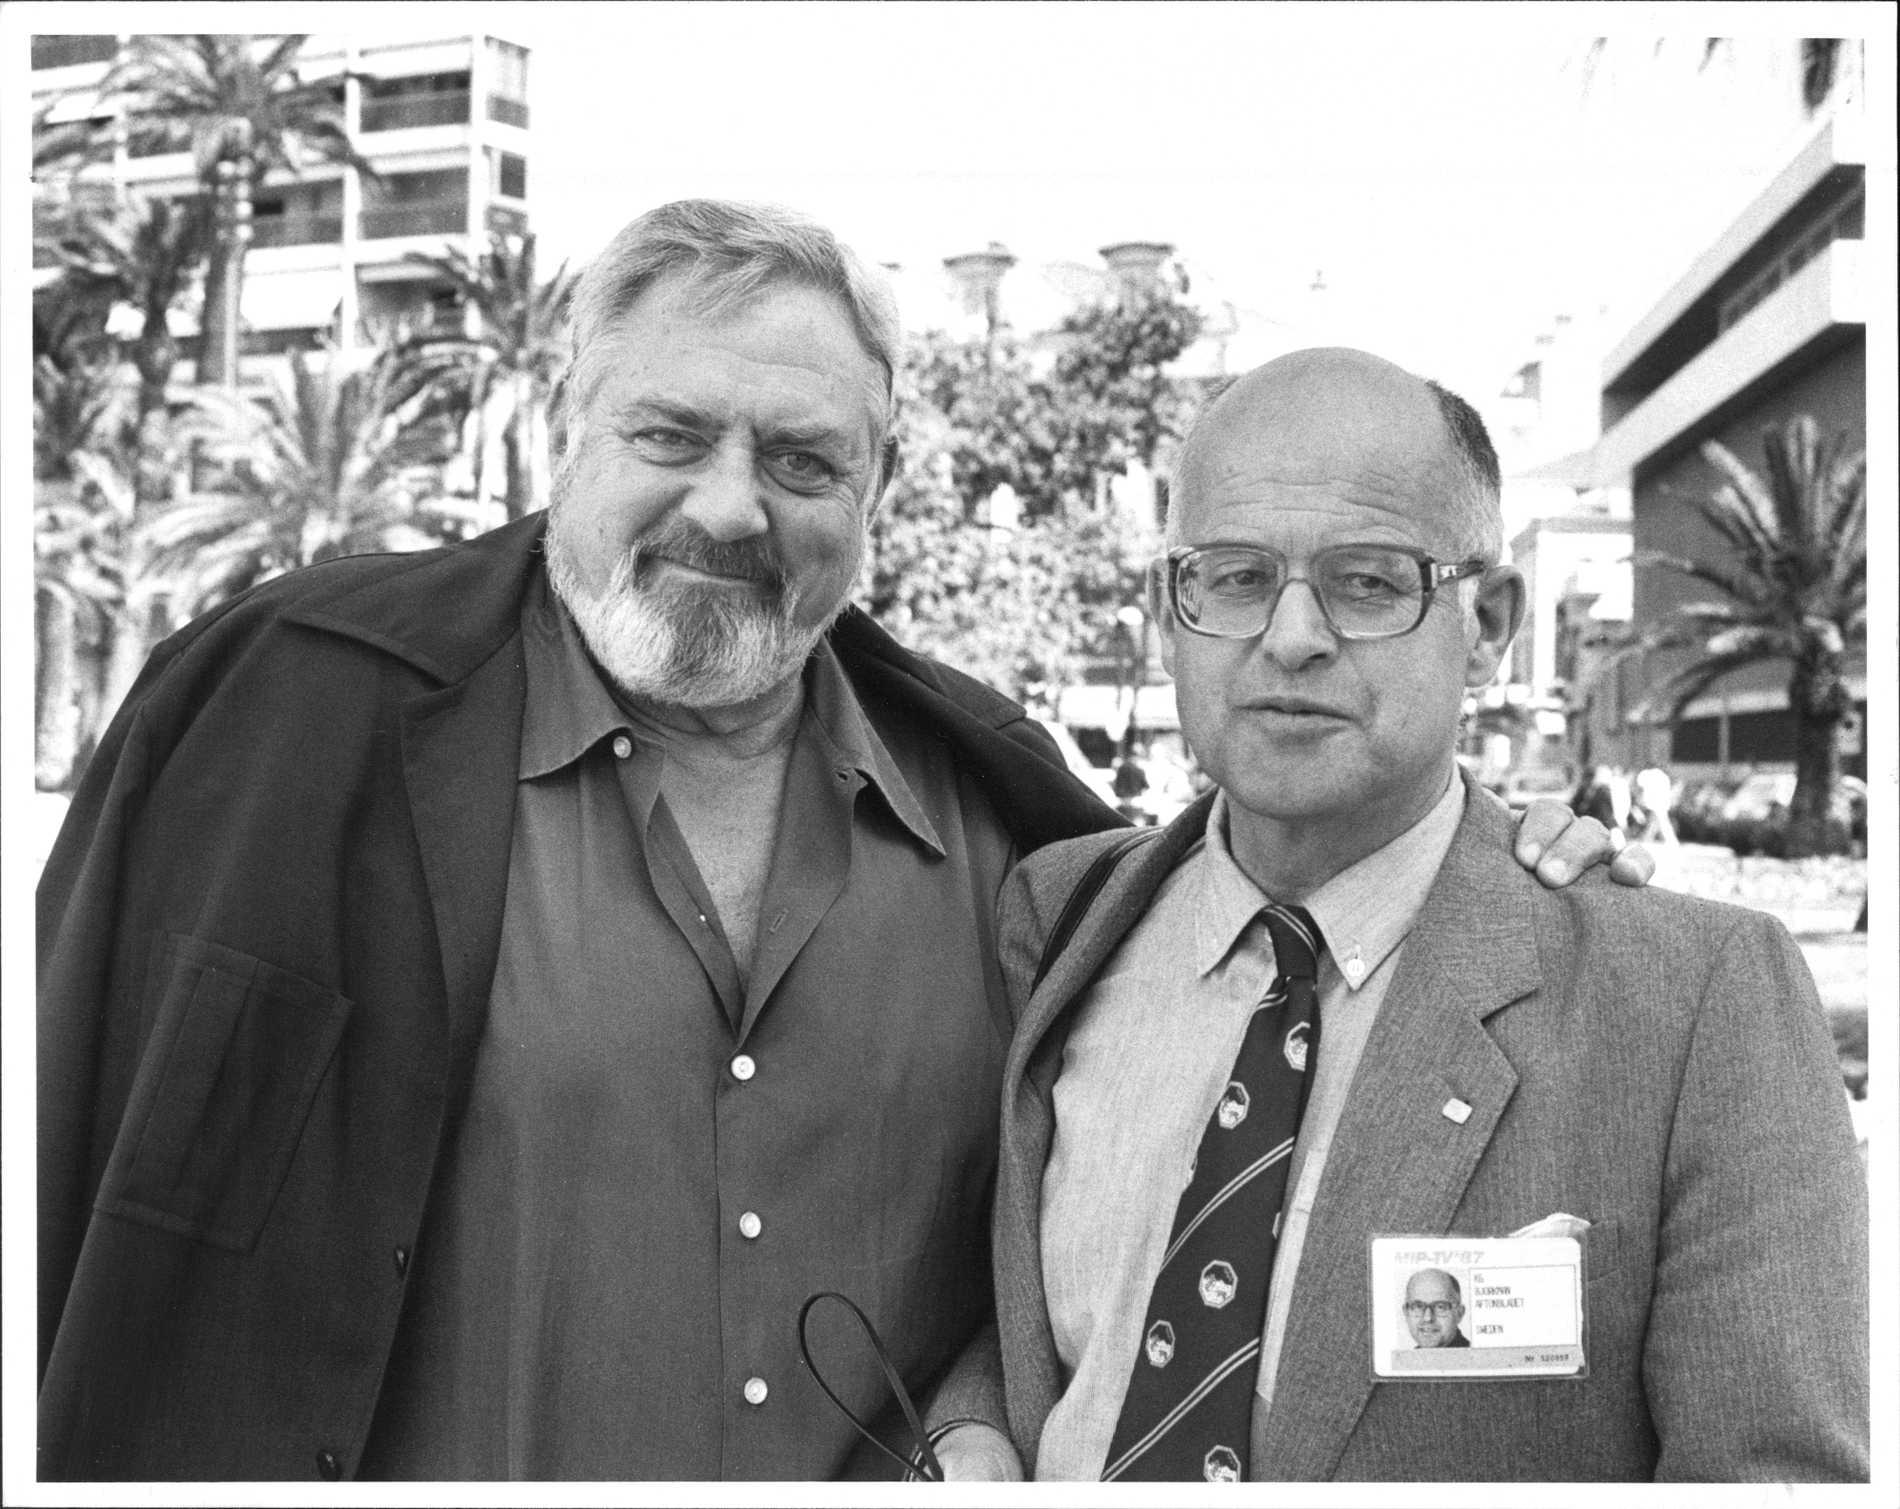 KG Björkman ihop med kanadensiska skådespelaren Raymond Burr 1987.